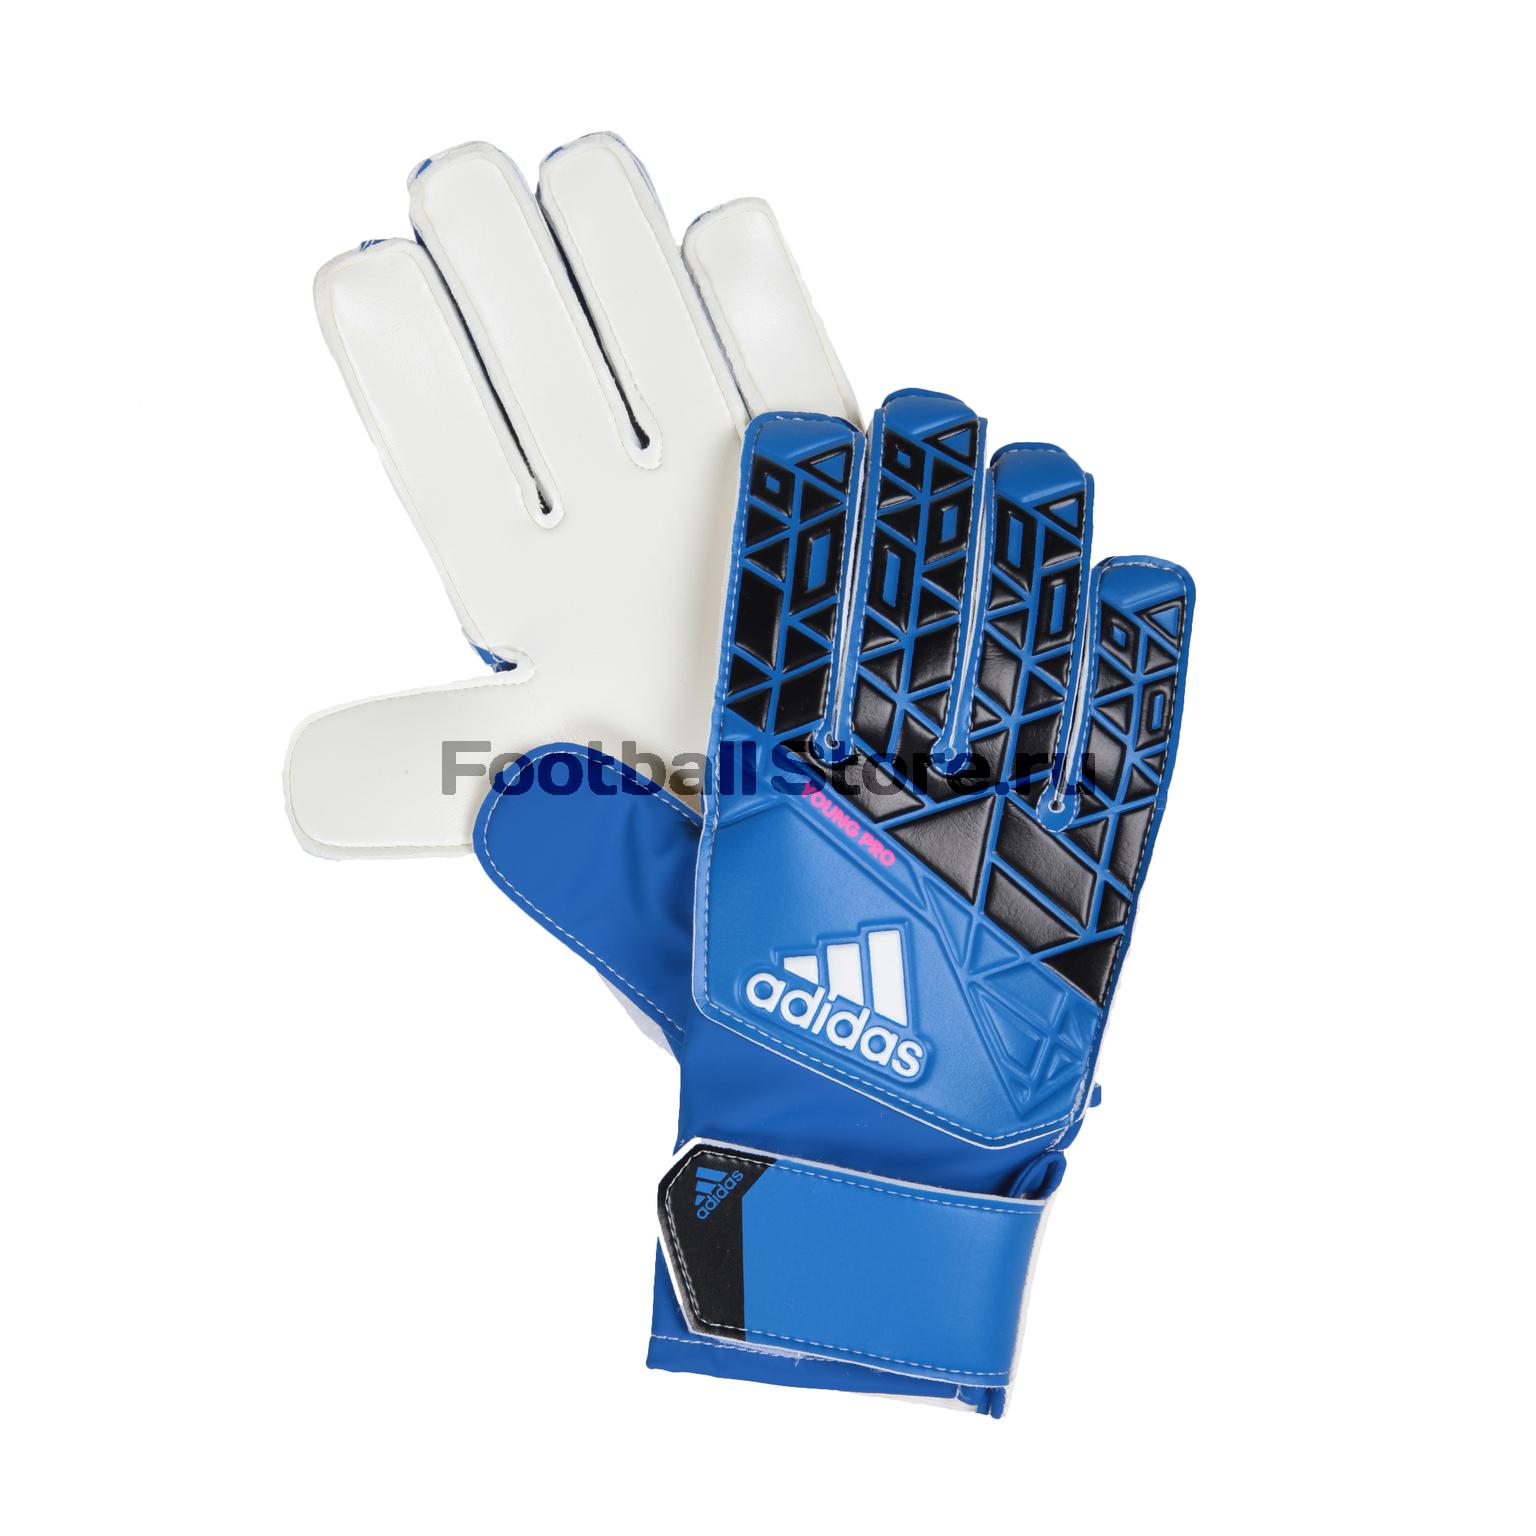 Перчатки вратарские Adidas Ace Pro AZ3679 перчатки adidas перчатки adidas ace zones ultim ah7802